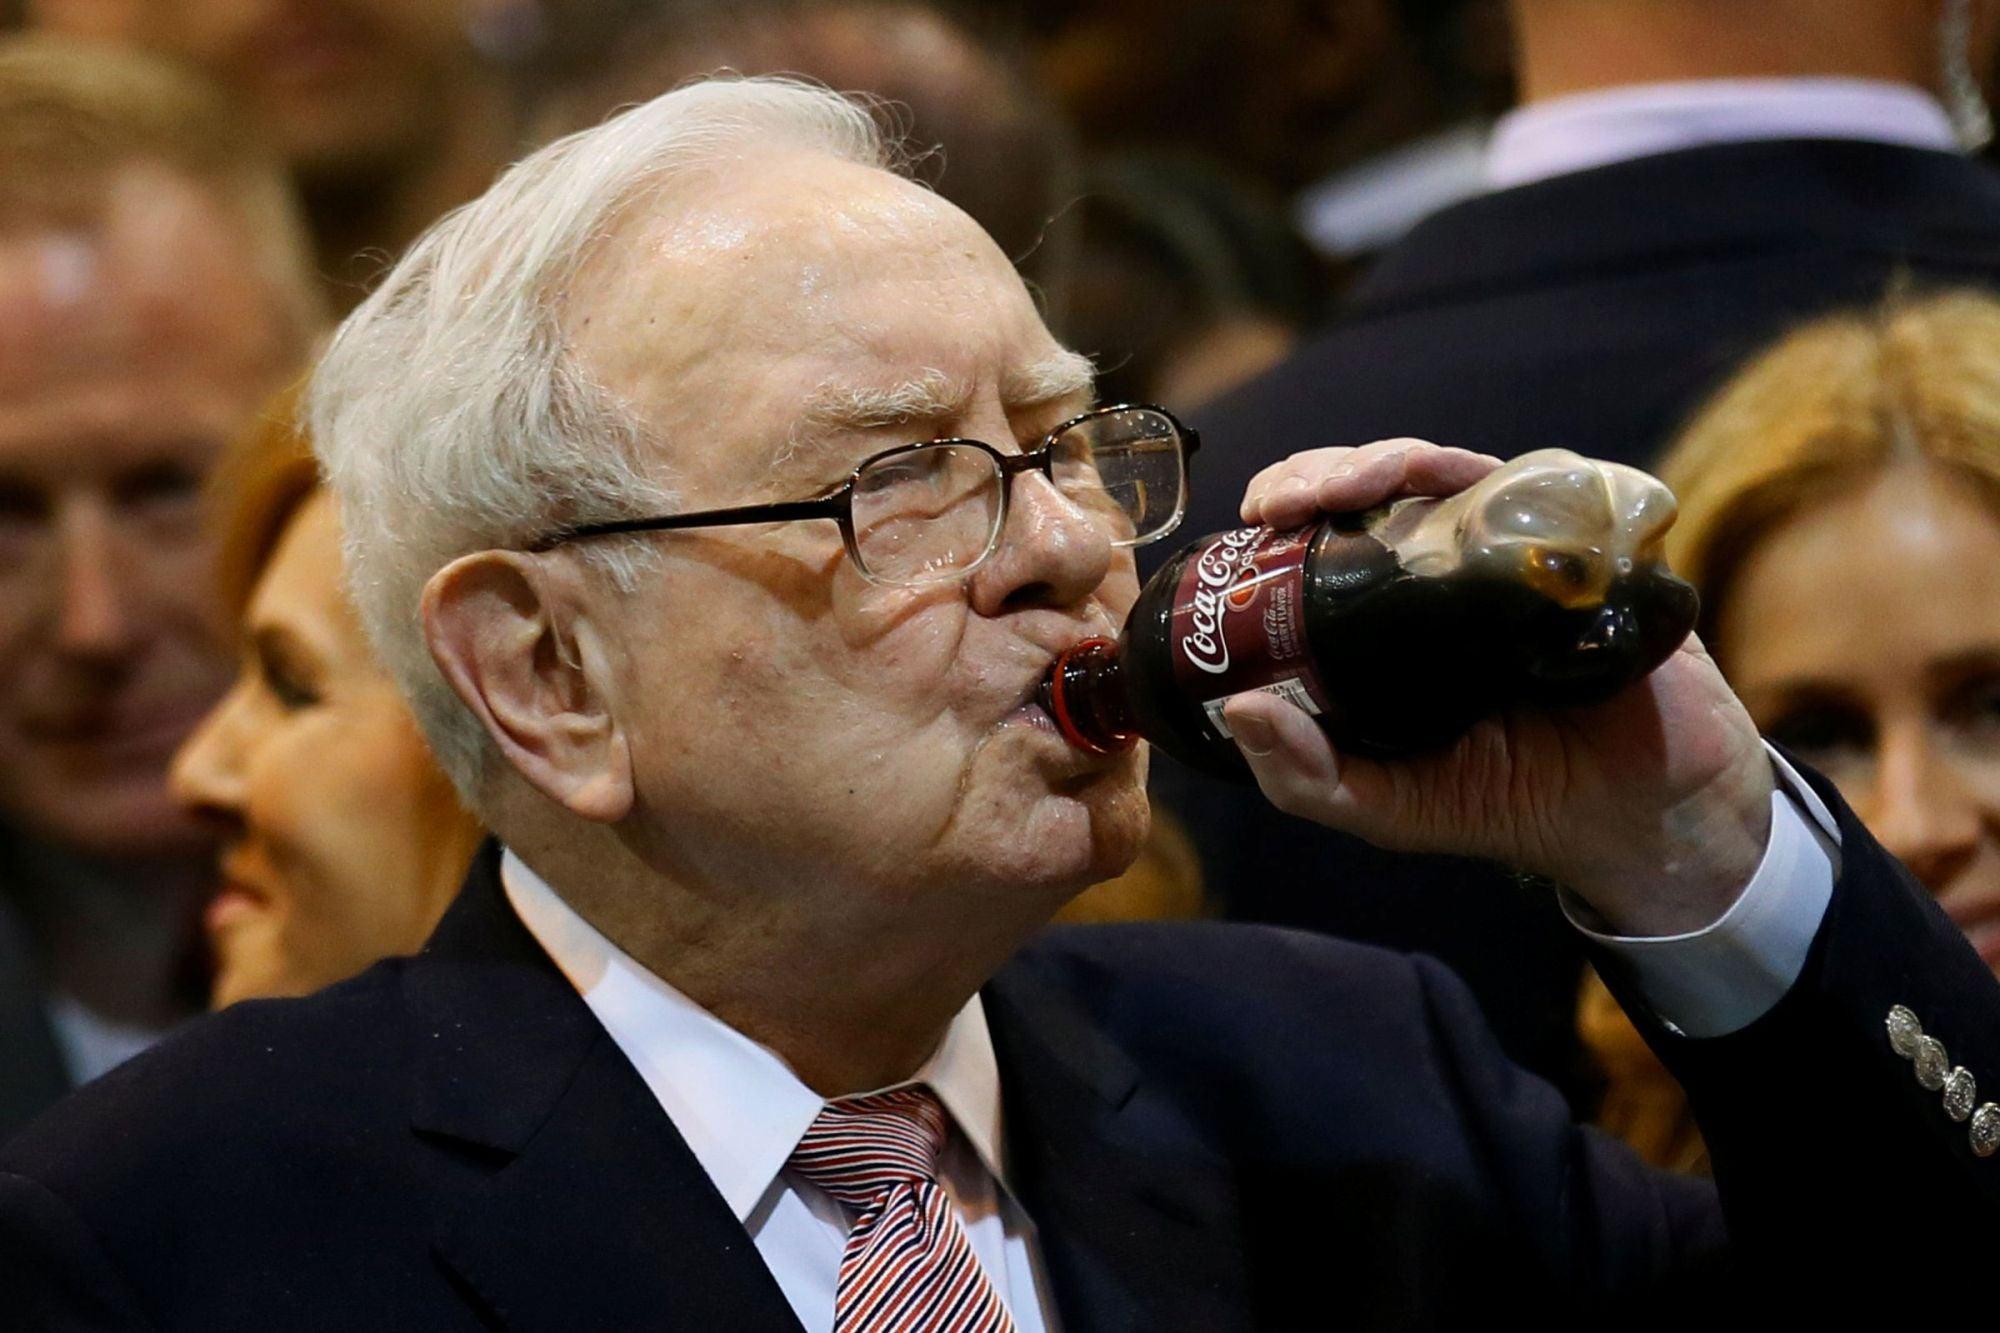 Warren Buffett Says He Eats McDonald's 3 Times a Week and Pounds ...